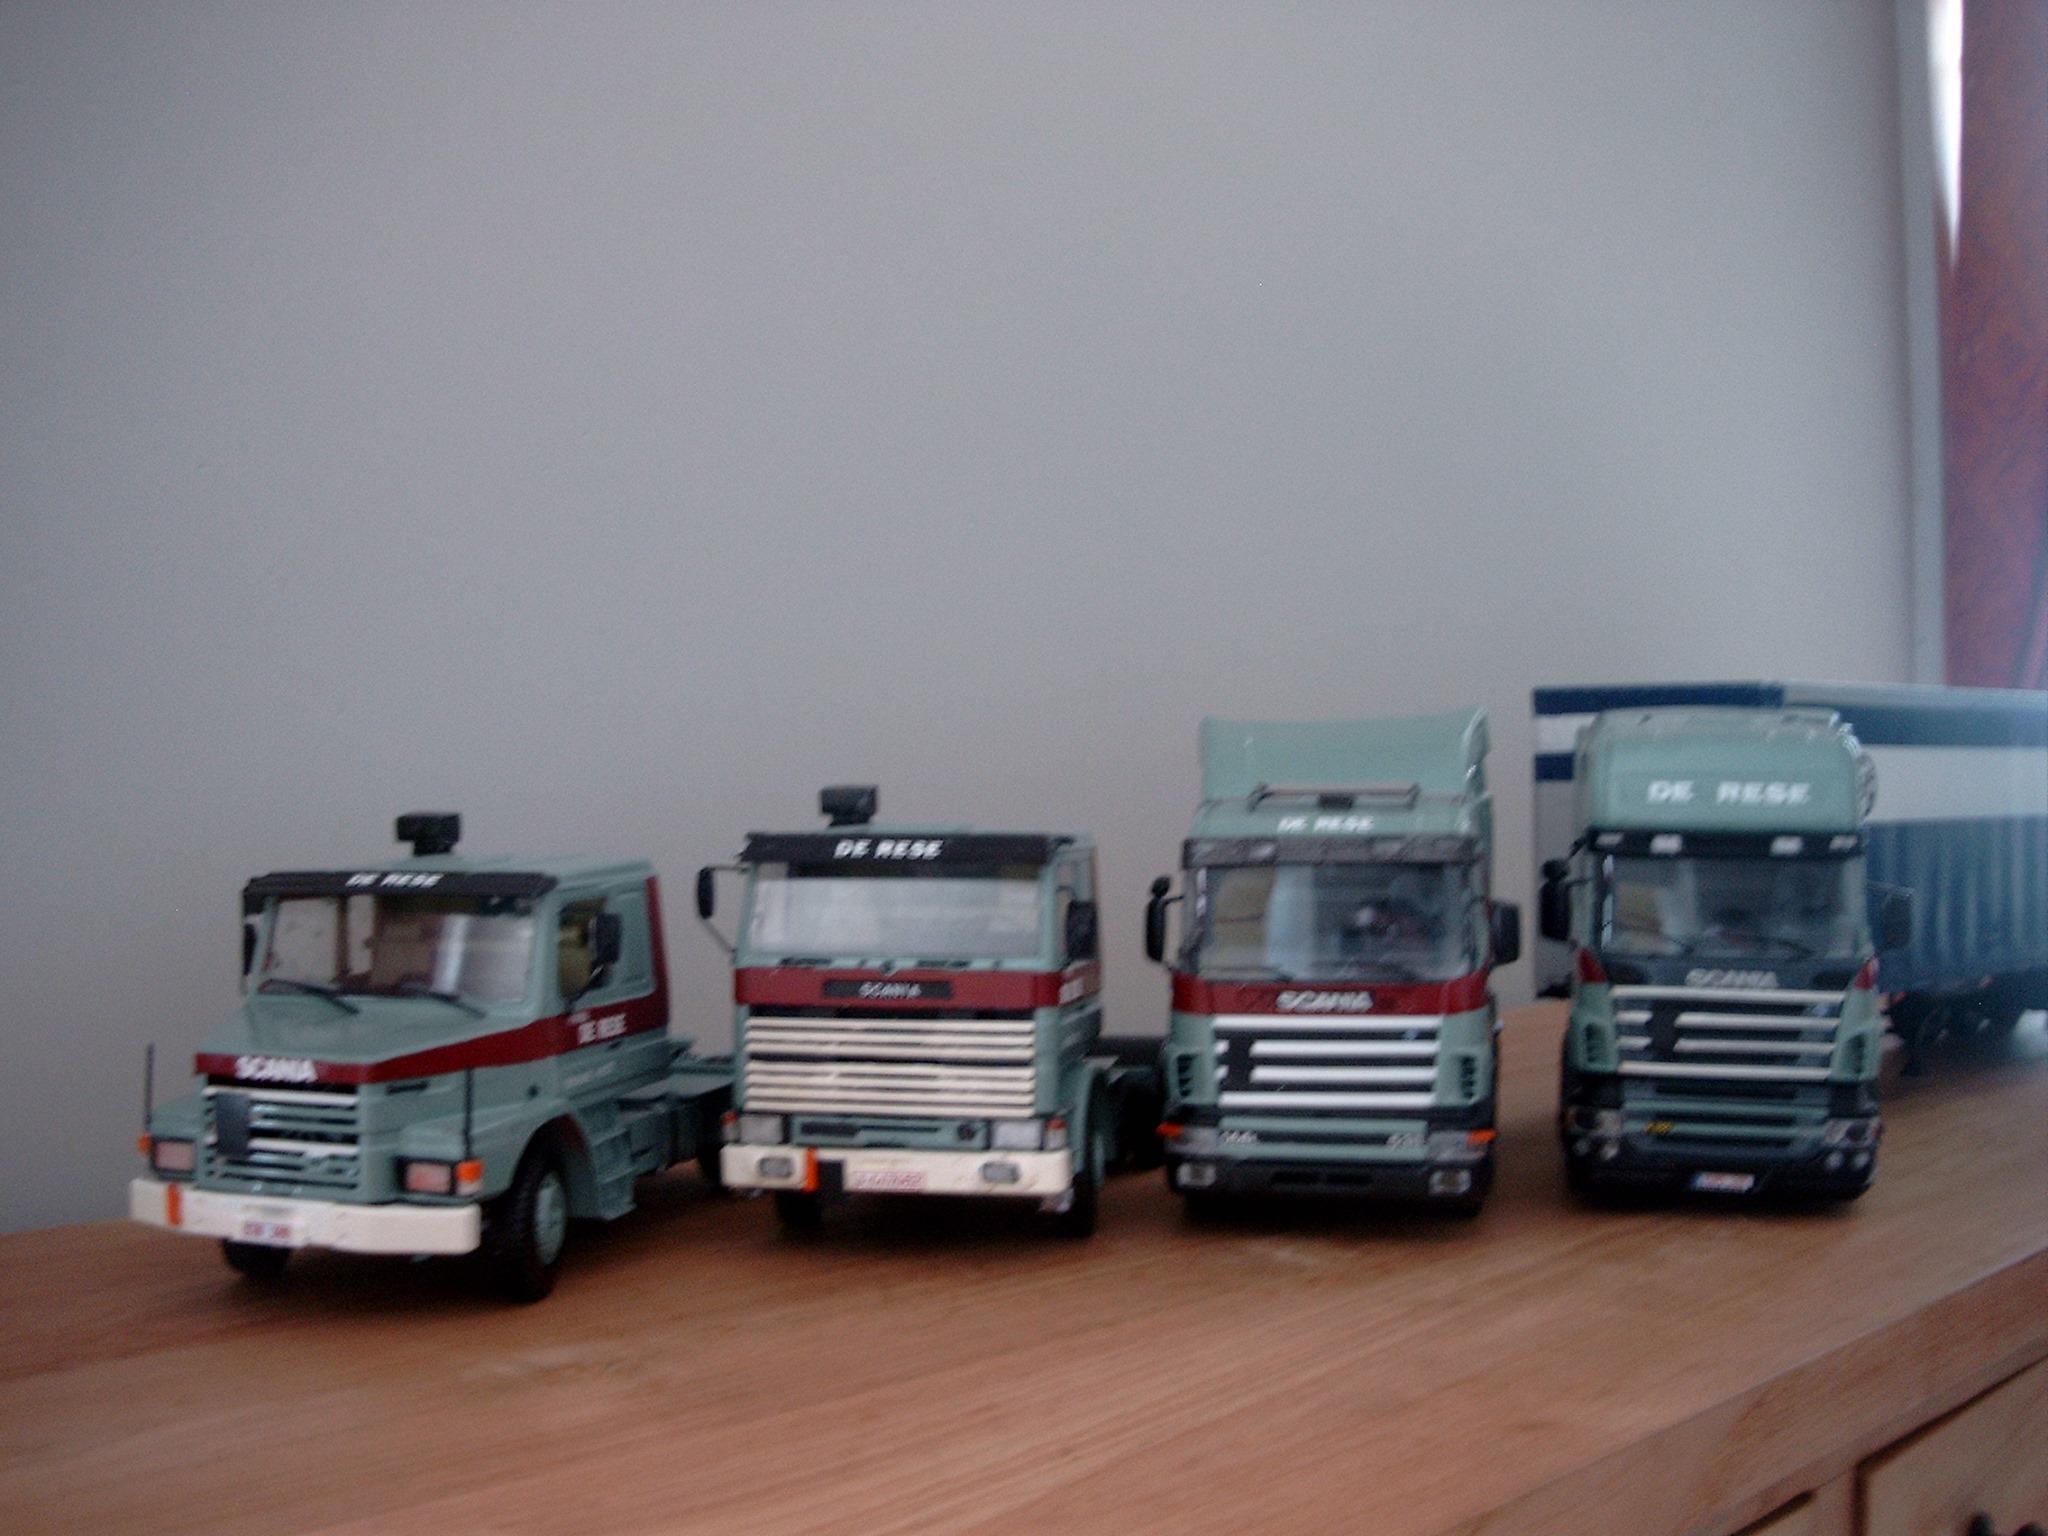 Scania-Steven-Vandevoorde-foto-archief-2